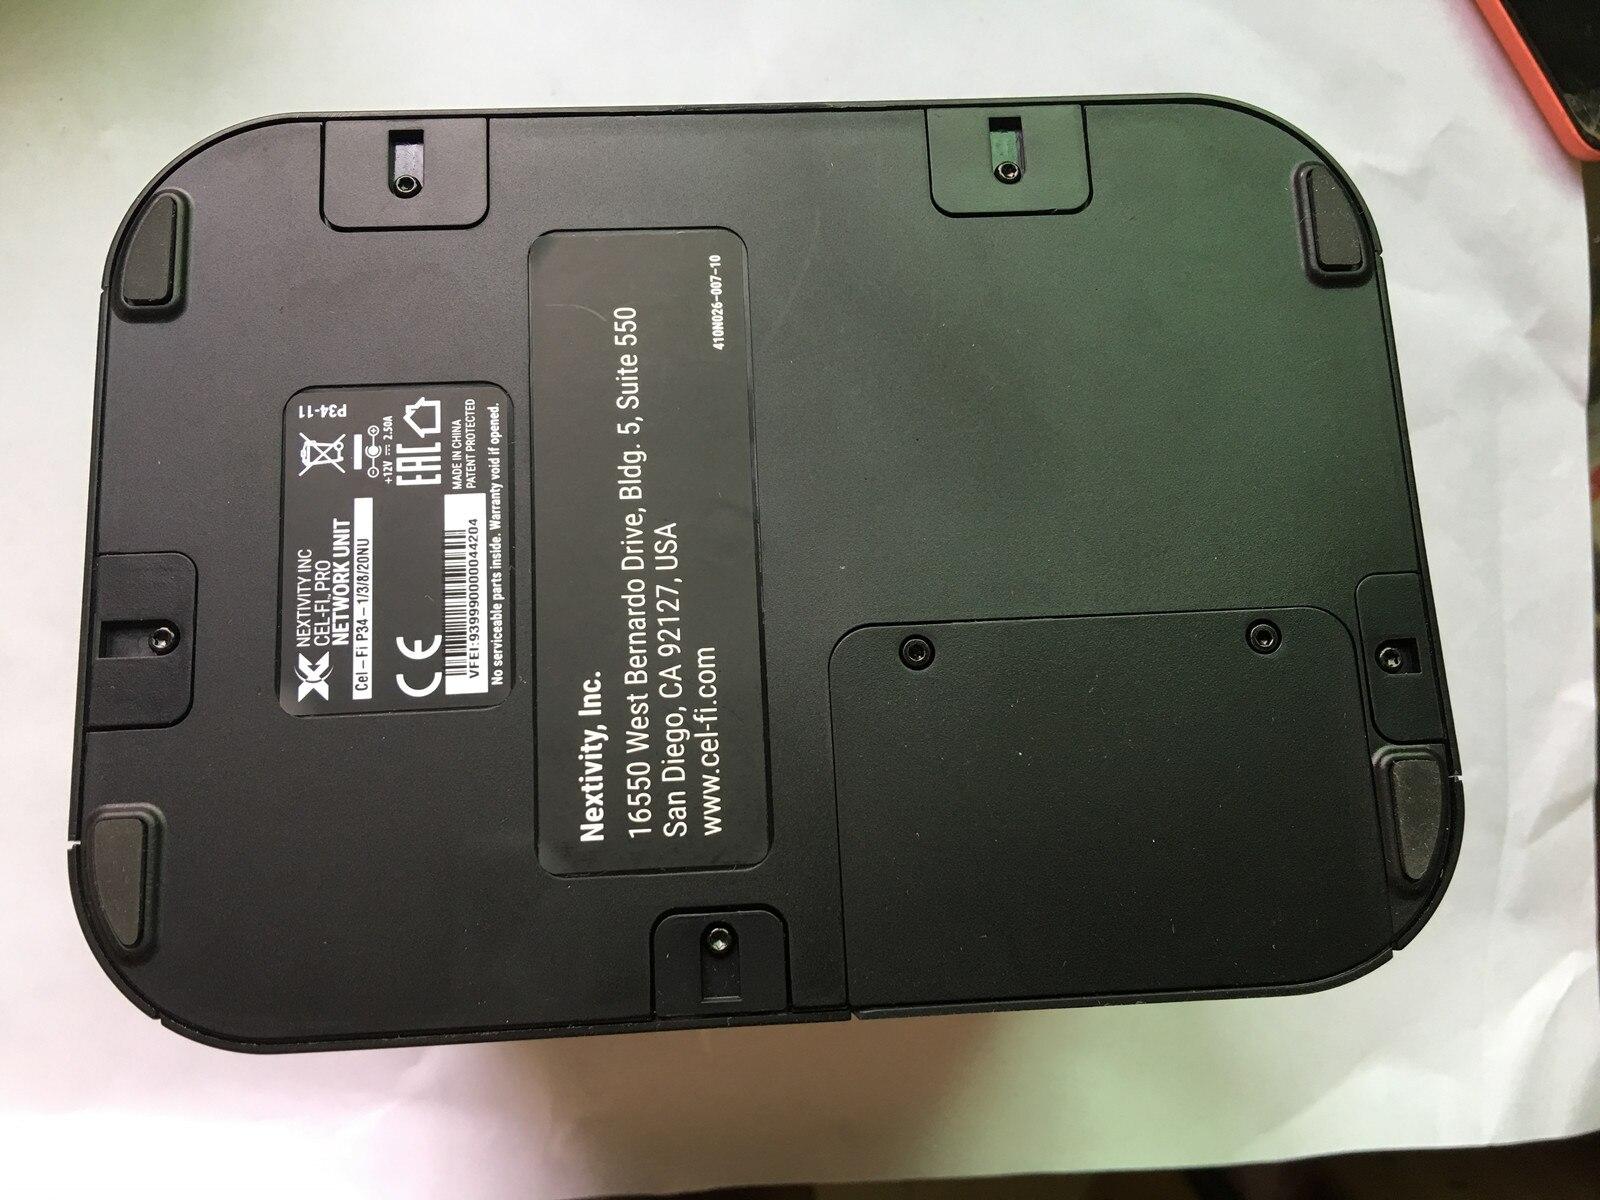 Ecran LCD cel-fi PRO double bande 1/3/8/20 répéteur 2G 3G 4G LTE amplificateur de téléphone portable cellulaire booster une paire répéteur wifi l - 4